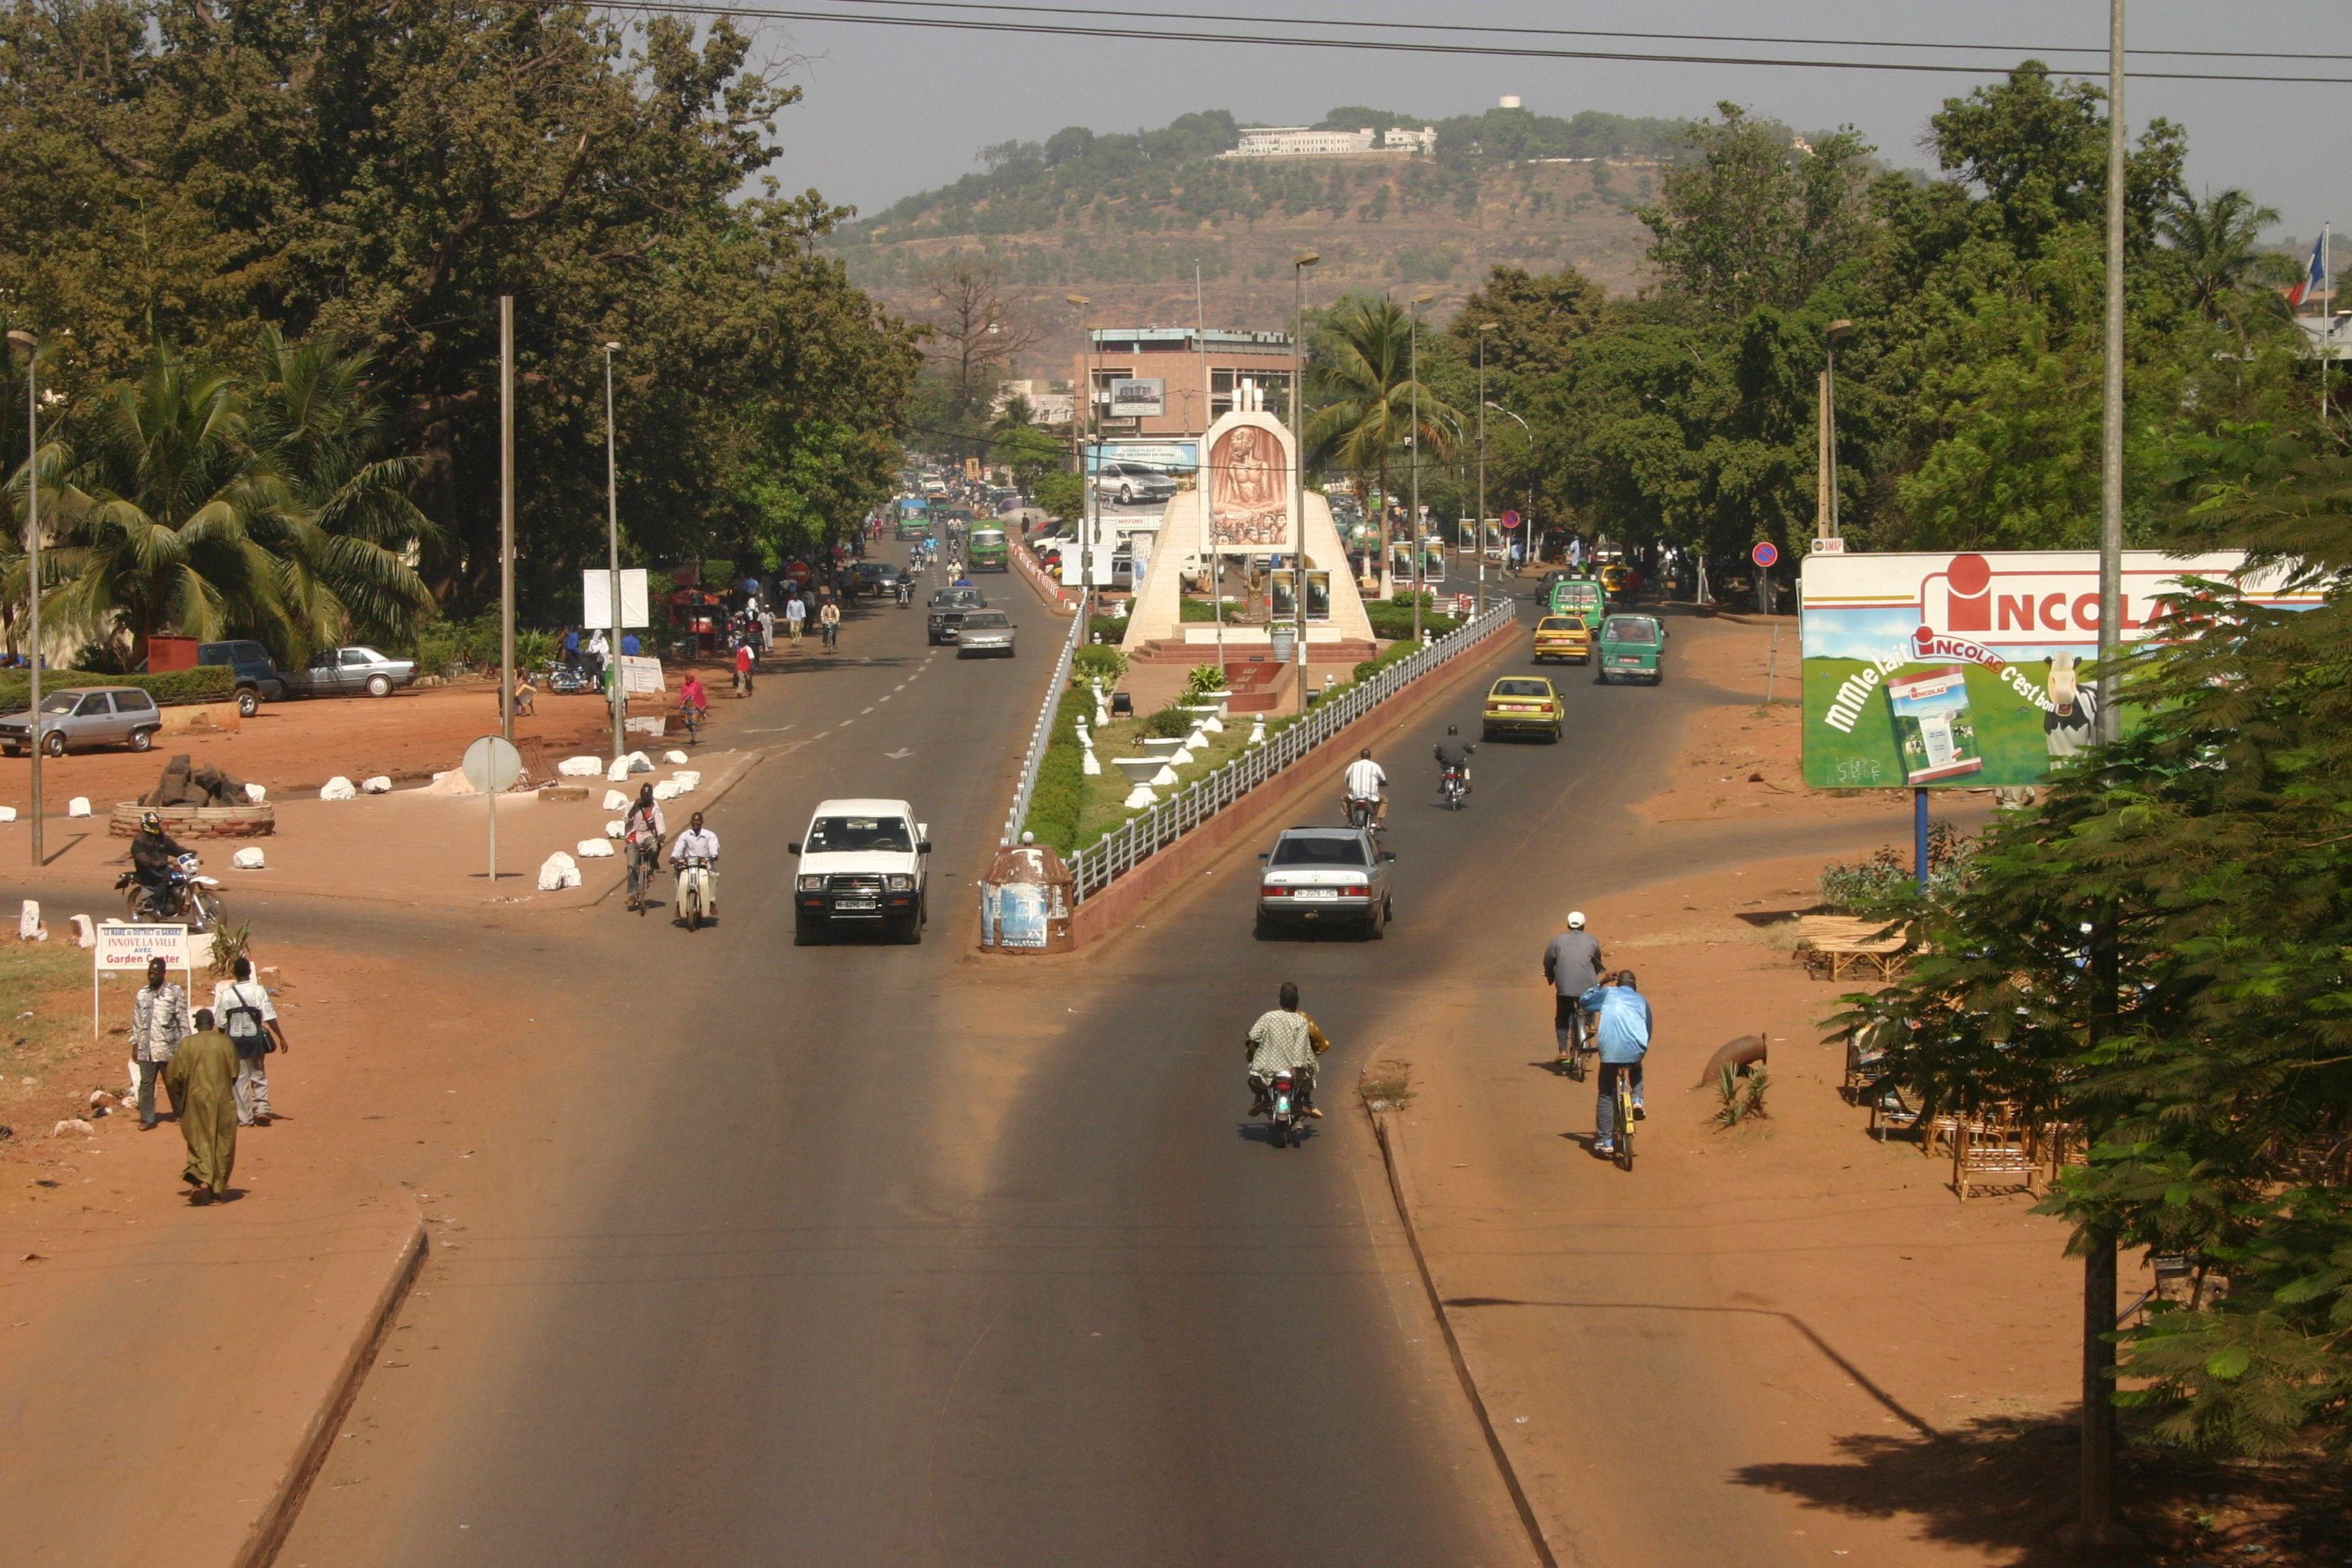 ¿A qué país pertenece Bamako?